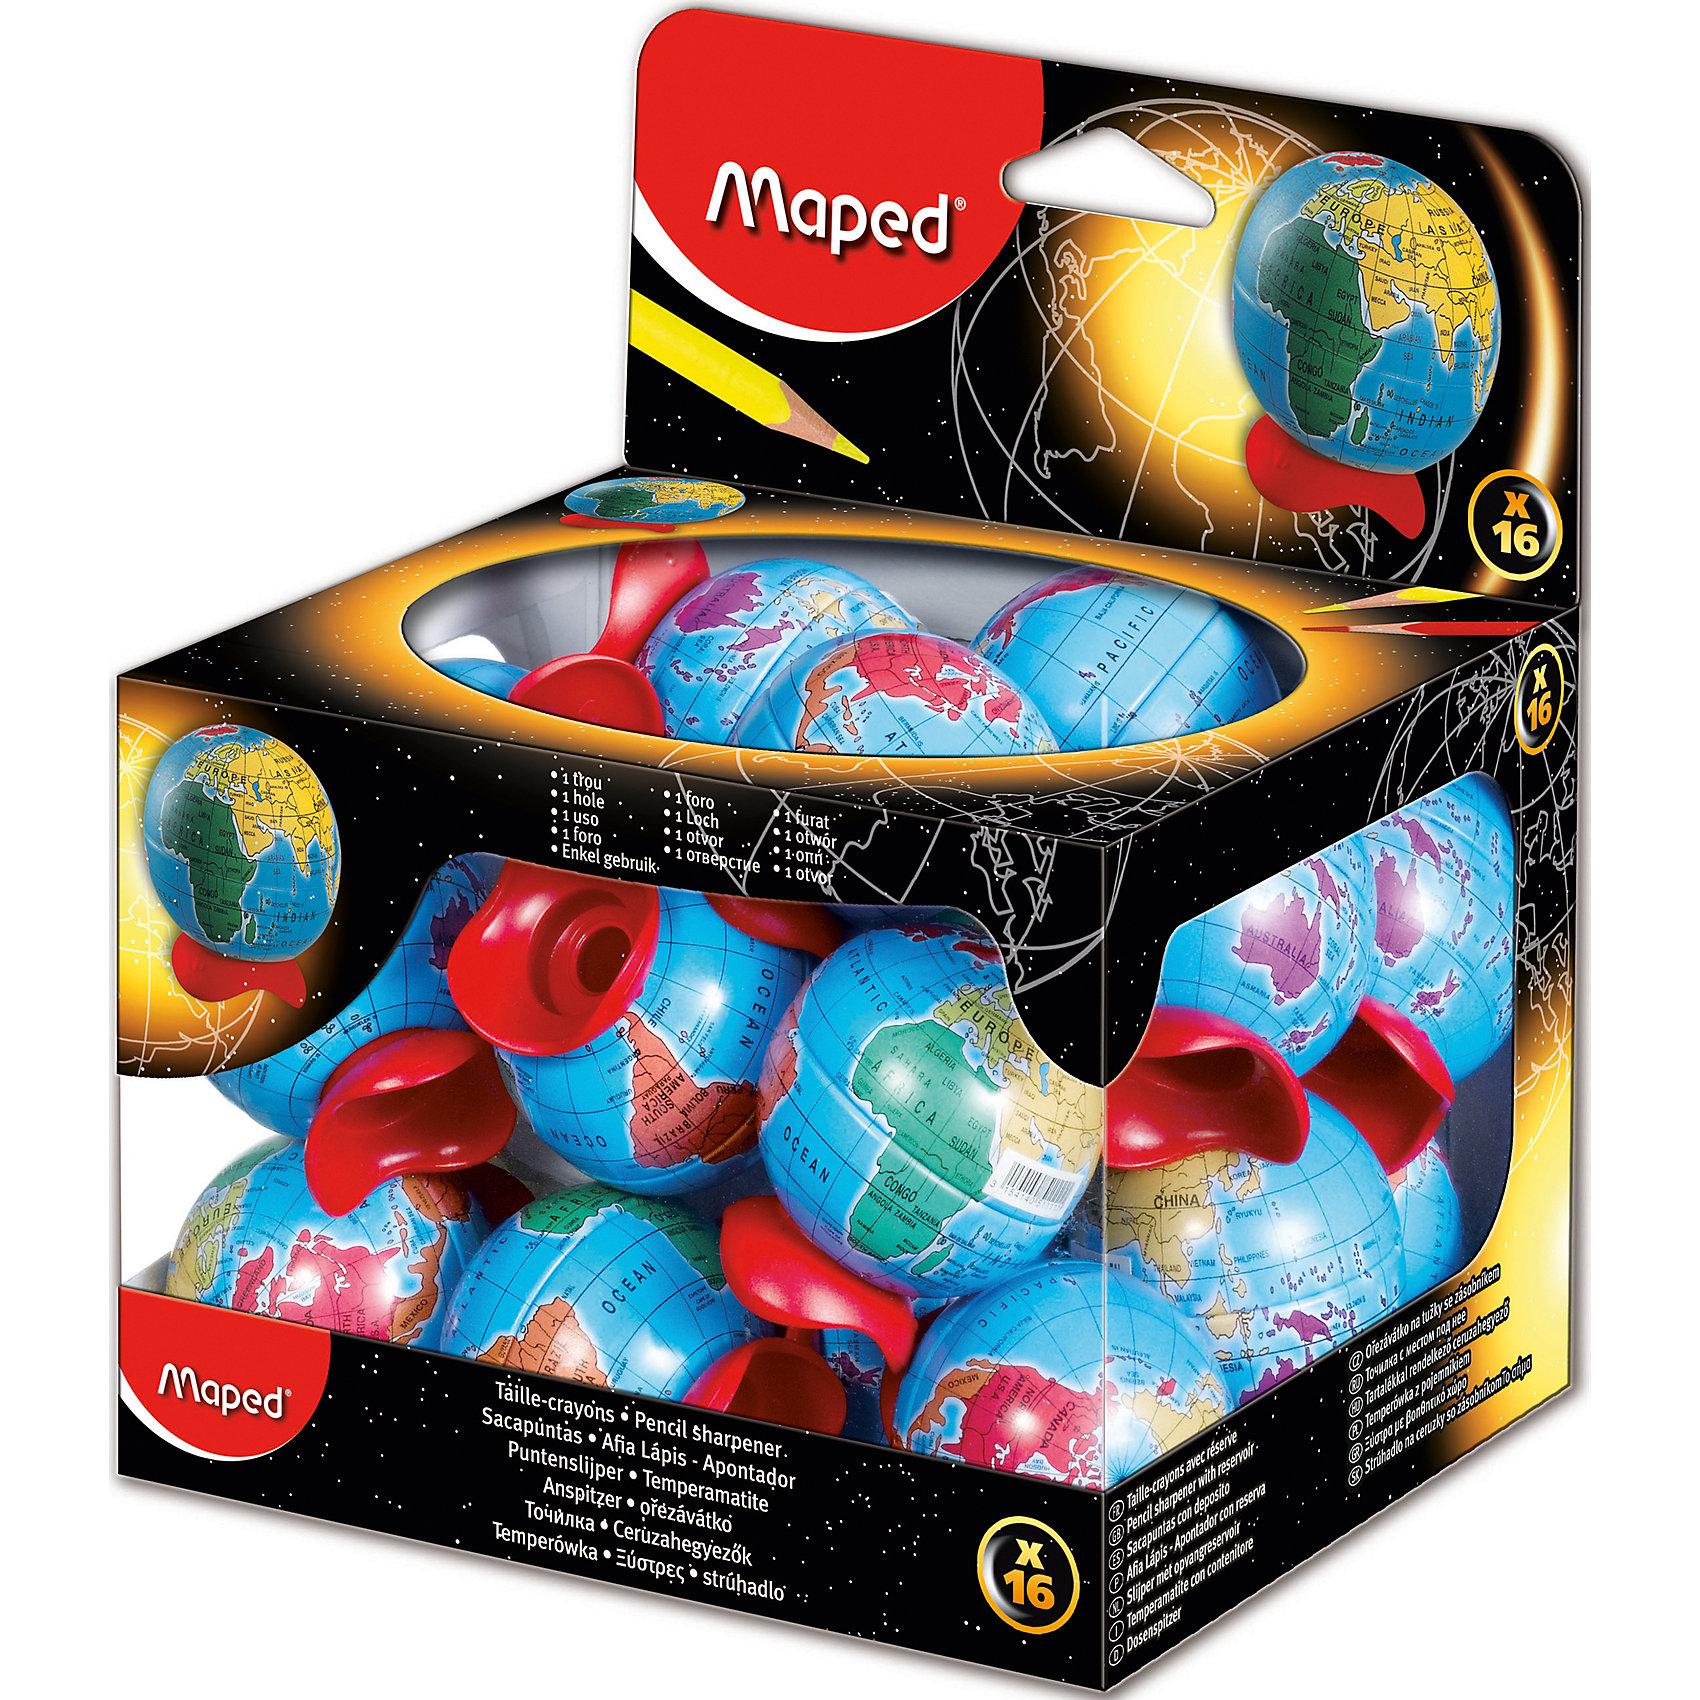 Точилка ГЛОБУС, MAPEDТочилка GLOBE 1 отверстие с контейнером в виде глобуса. Контейнер металлический. Яркий и классический дизайн.<br><br>Ширина мм: 50<br>Глубина мм: 43<br>Высота мм: 43<br>Вес г: 15<br>Возраст от месяцев: 72<br>Возраст до месяцев: 2147483647<br>Пол: Унисекс<br>Возраст: Детский<br>SKU: 5530059